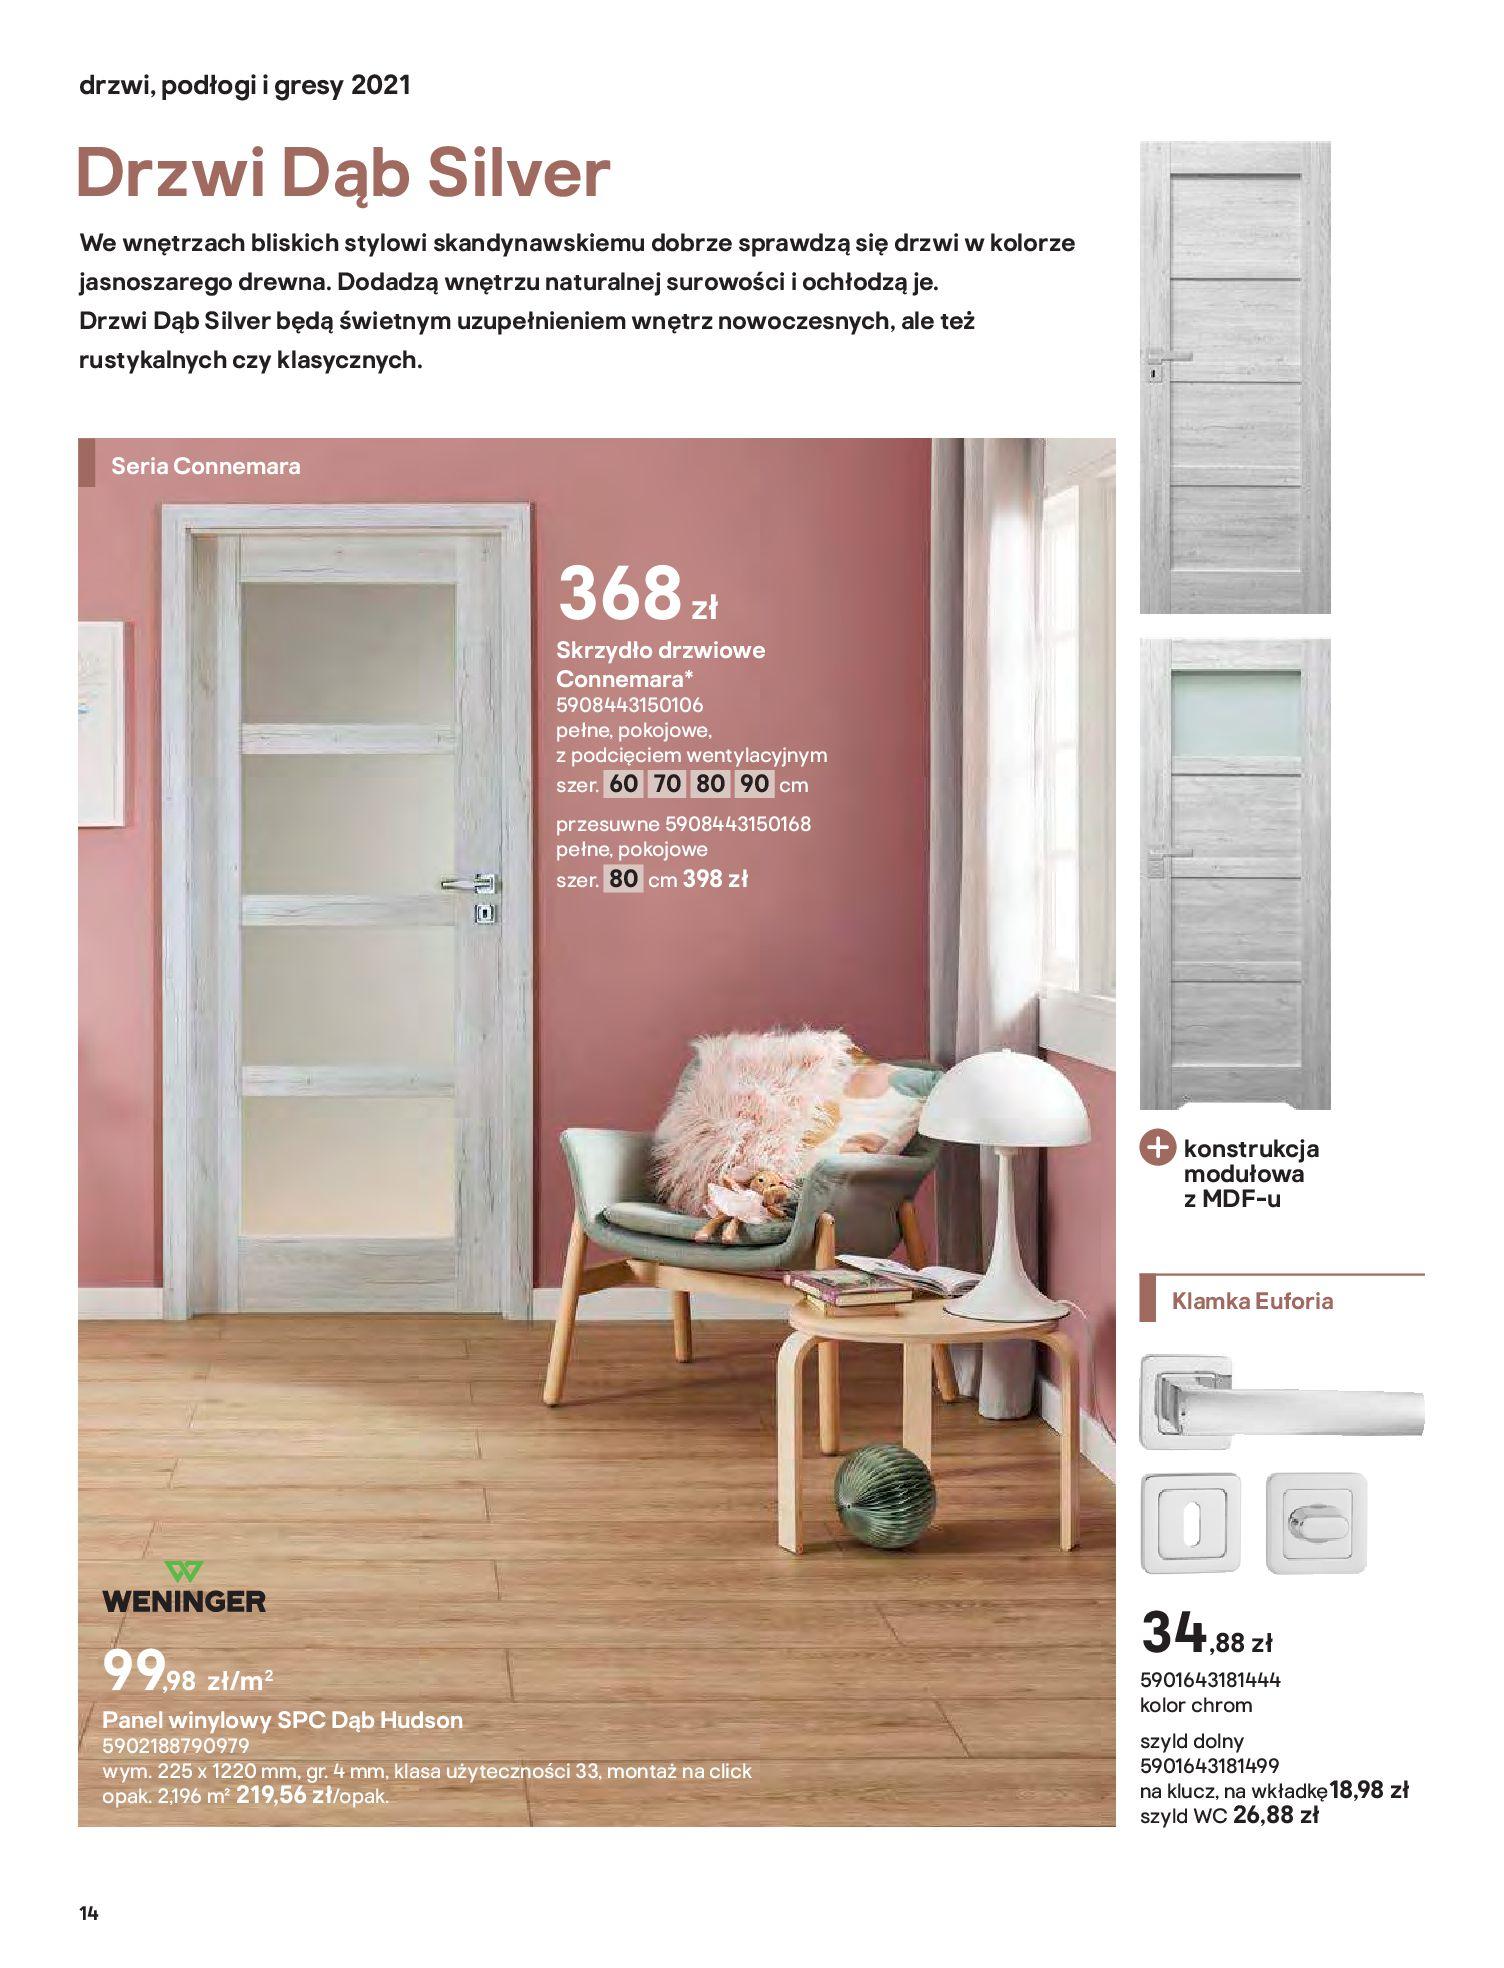 Gazetka Castorama: Gazetka Castorama - Przewodnik drzwi i podłogi 2021 2021-08-11 page-14